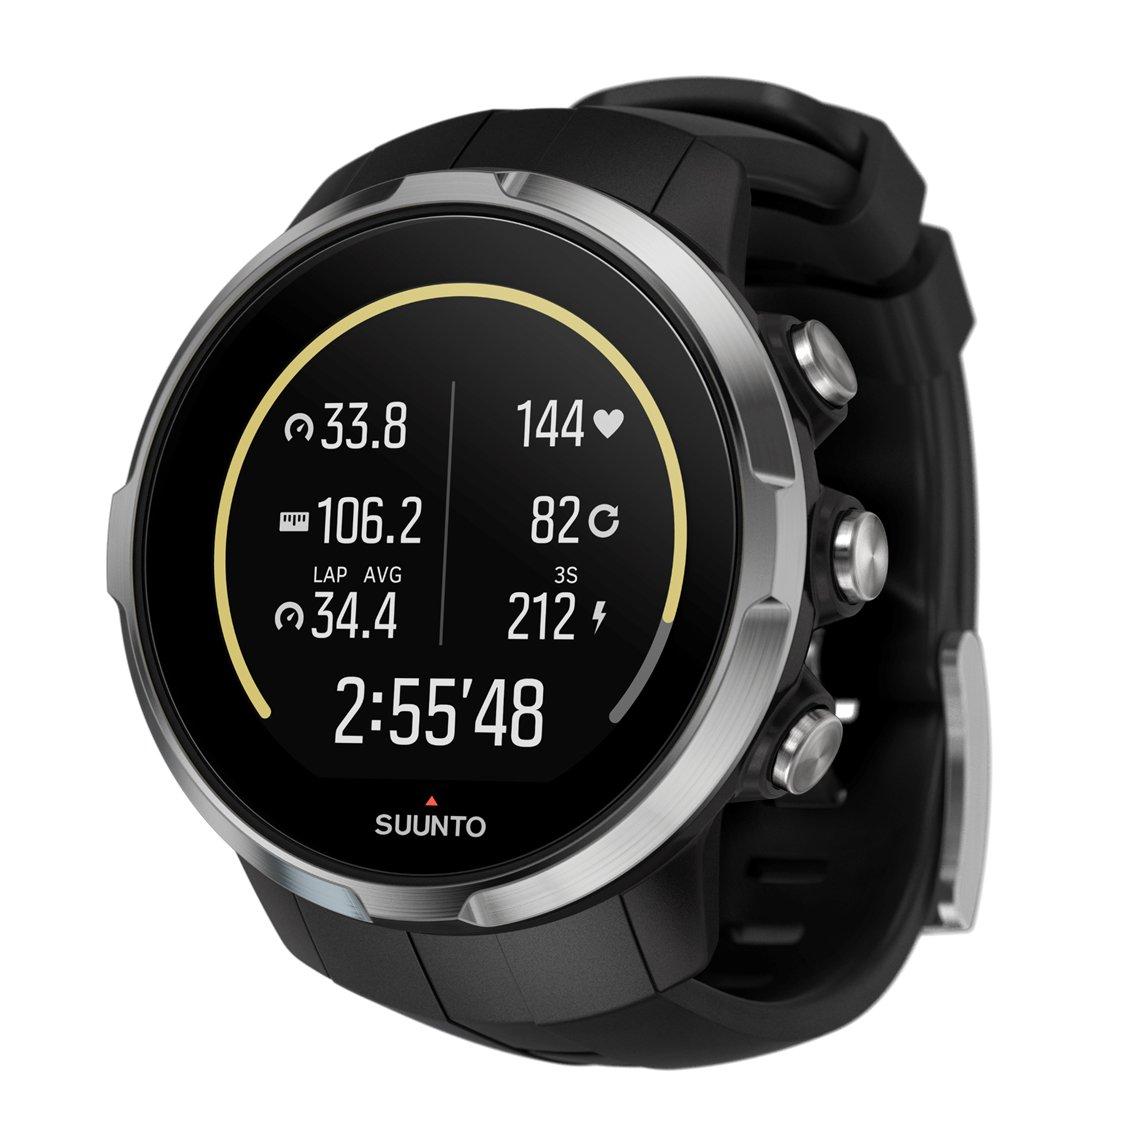 スント(SUUNTO) 腕時計 スパルタン スポーツ 10気圧防水 GPS 速度/距離/高度計測 [日本正規品 メーカー保証2年] B01KA5IJFM ブラック ブラック